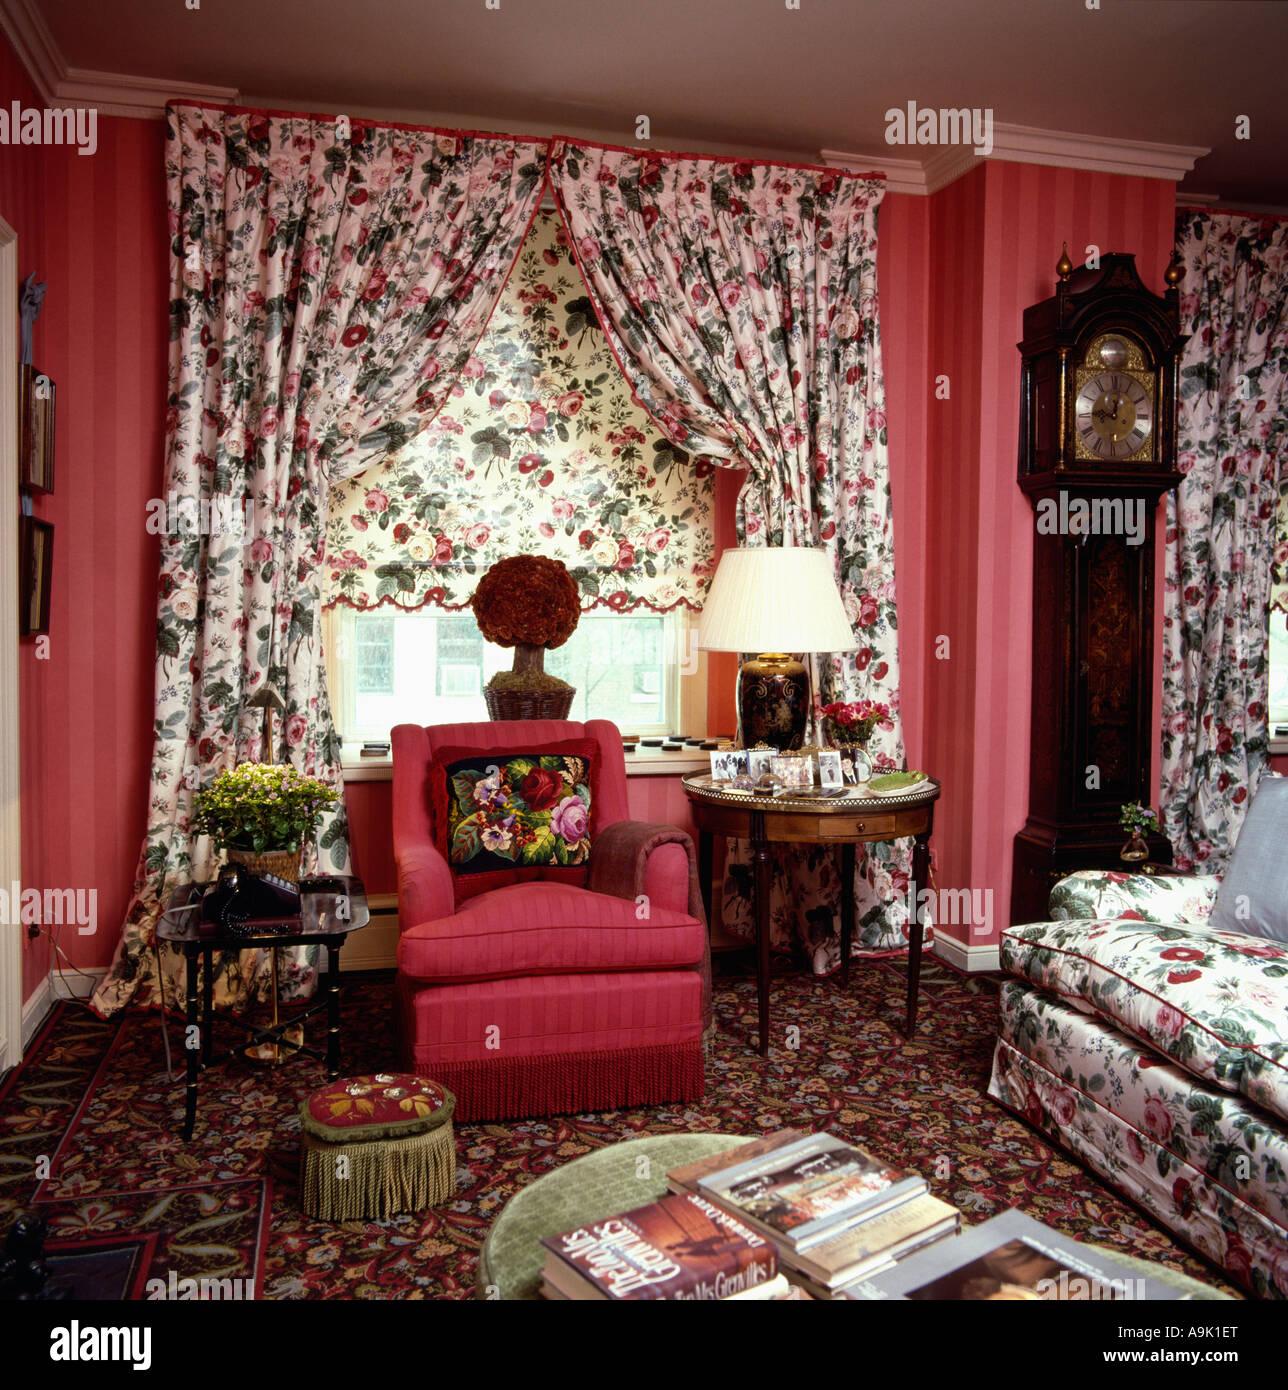 Sessel rot gemustert  Floral gemusterte Vorhänge und Blind rot 80er Jahre Wohnzimmer mit ...